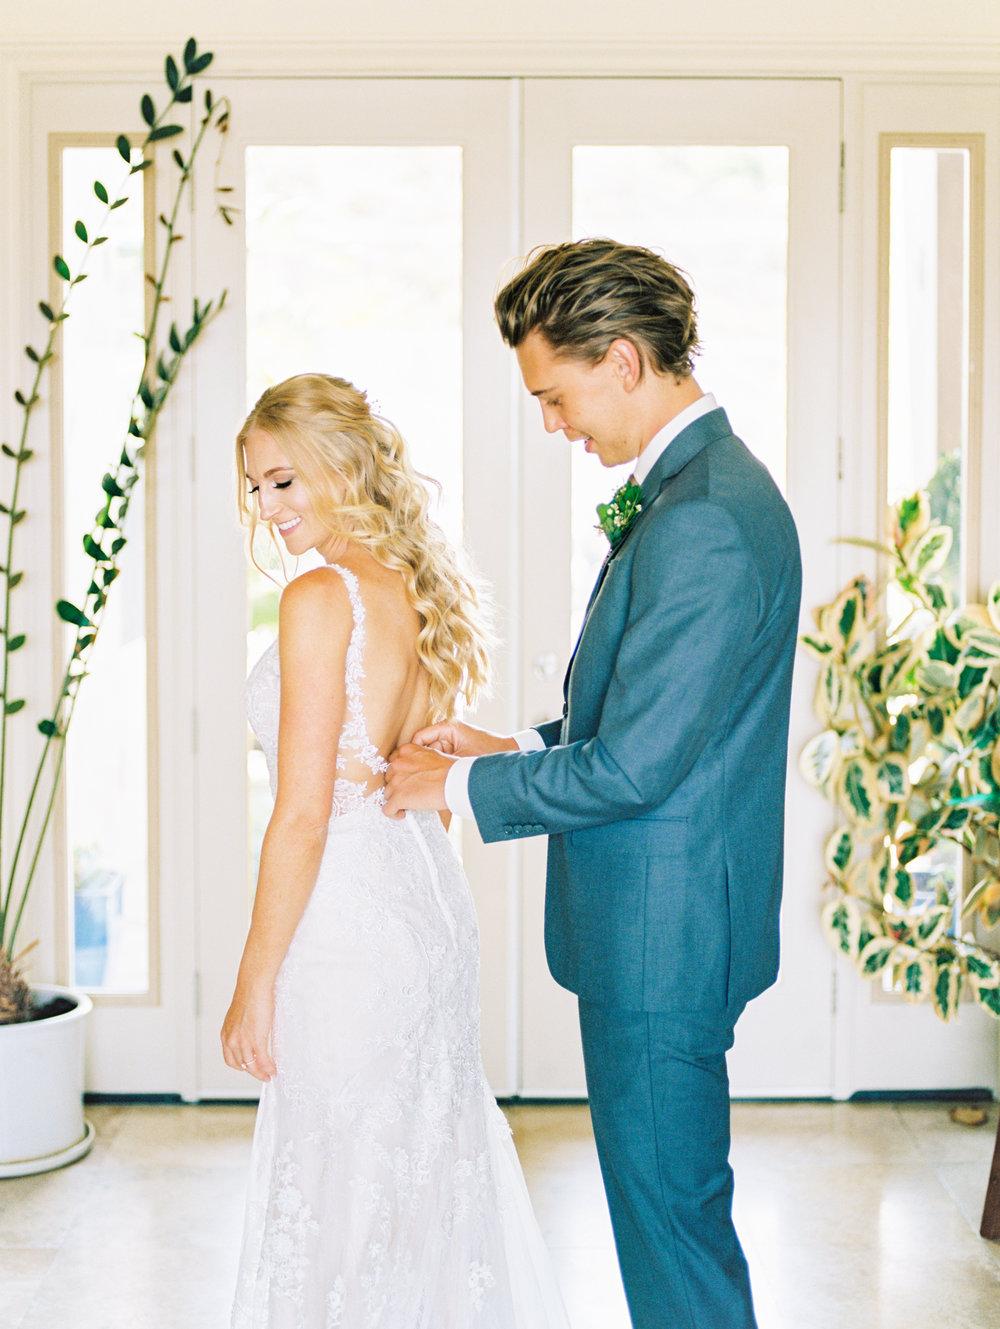 dennisroycoronel_ashleyanthony_vanessahudgens_austinbutler_wedding_losangeles_photographer-31.jpg